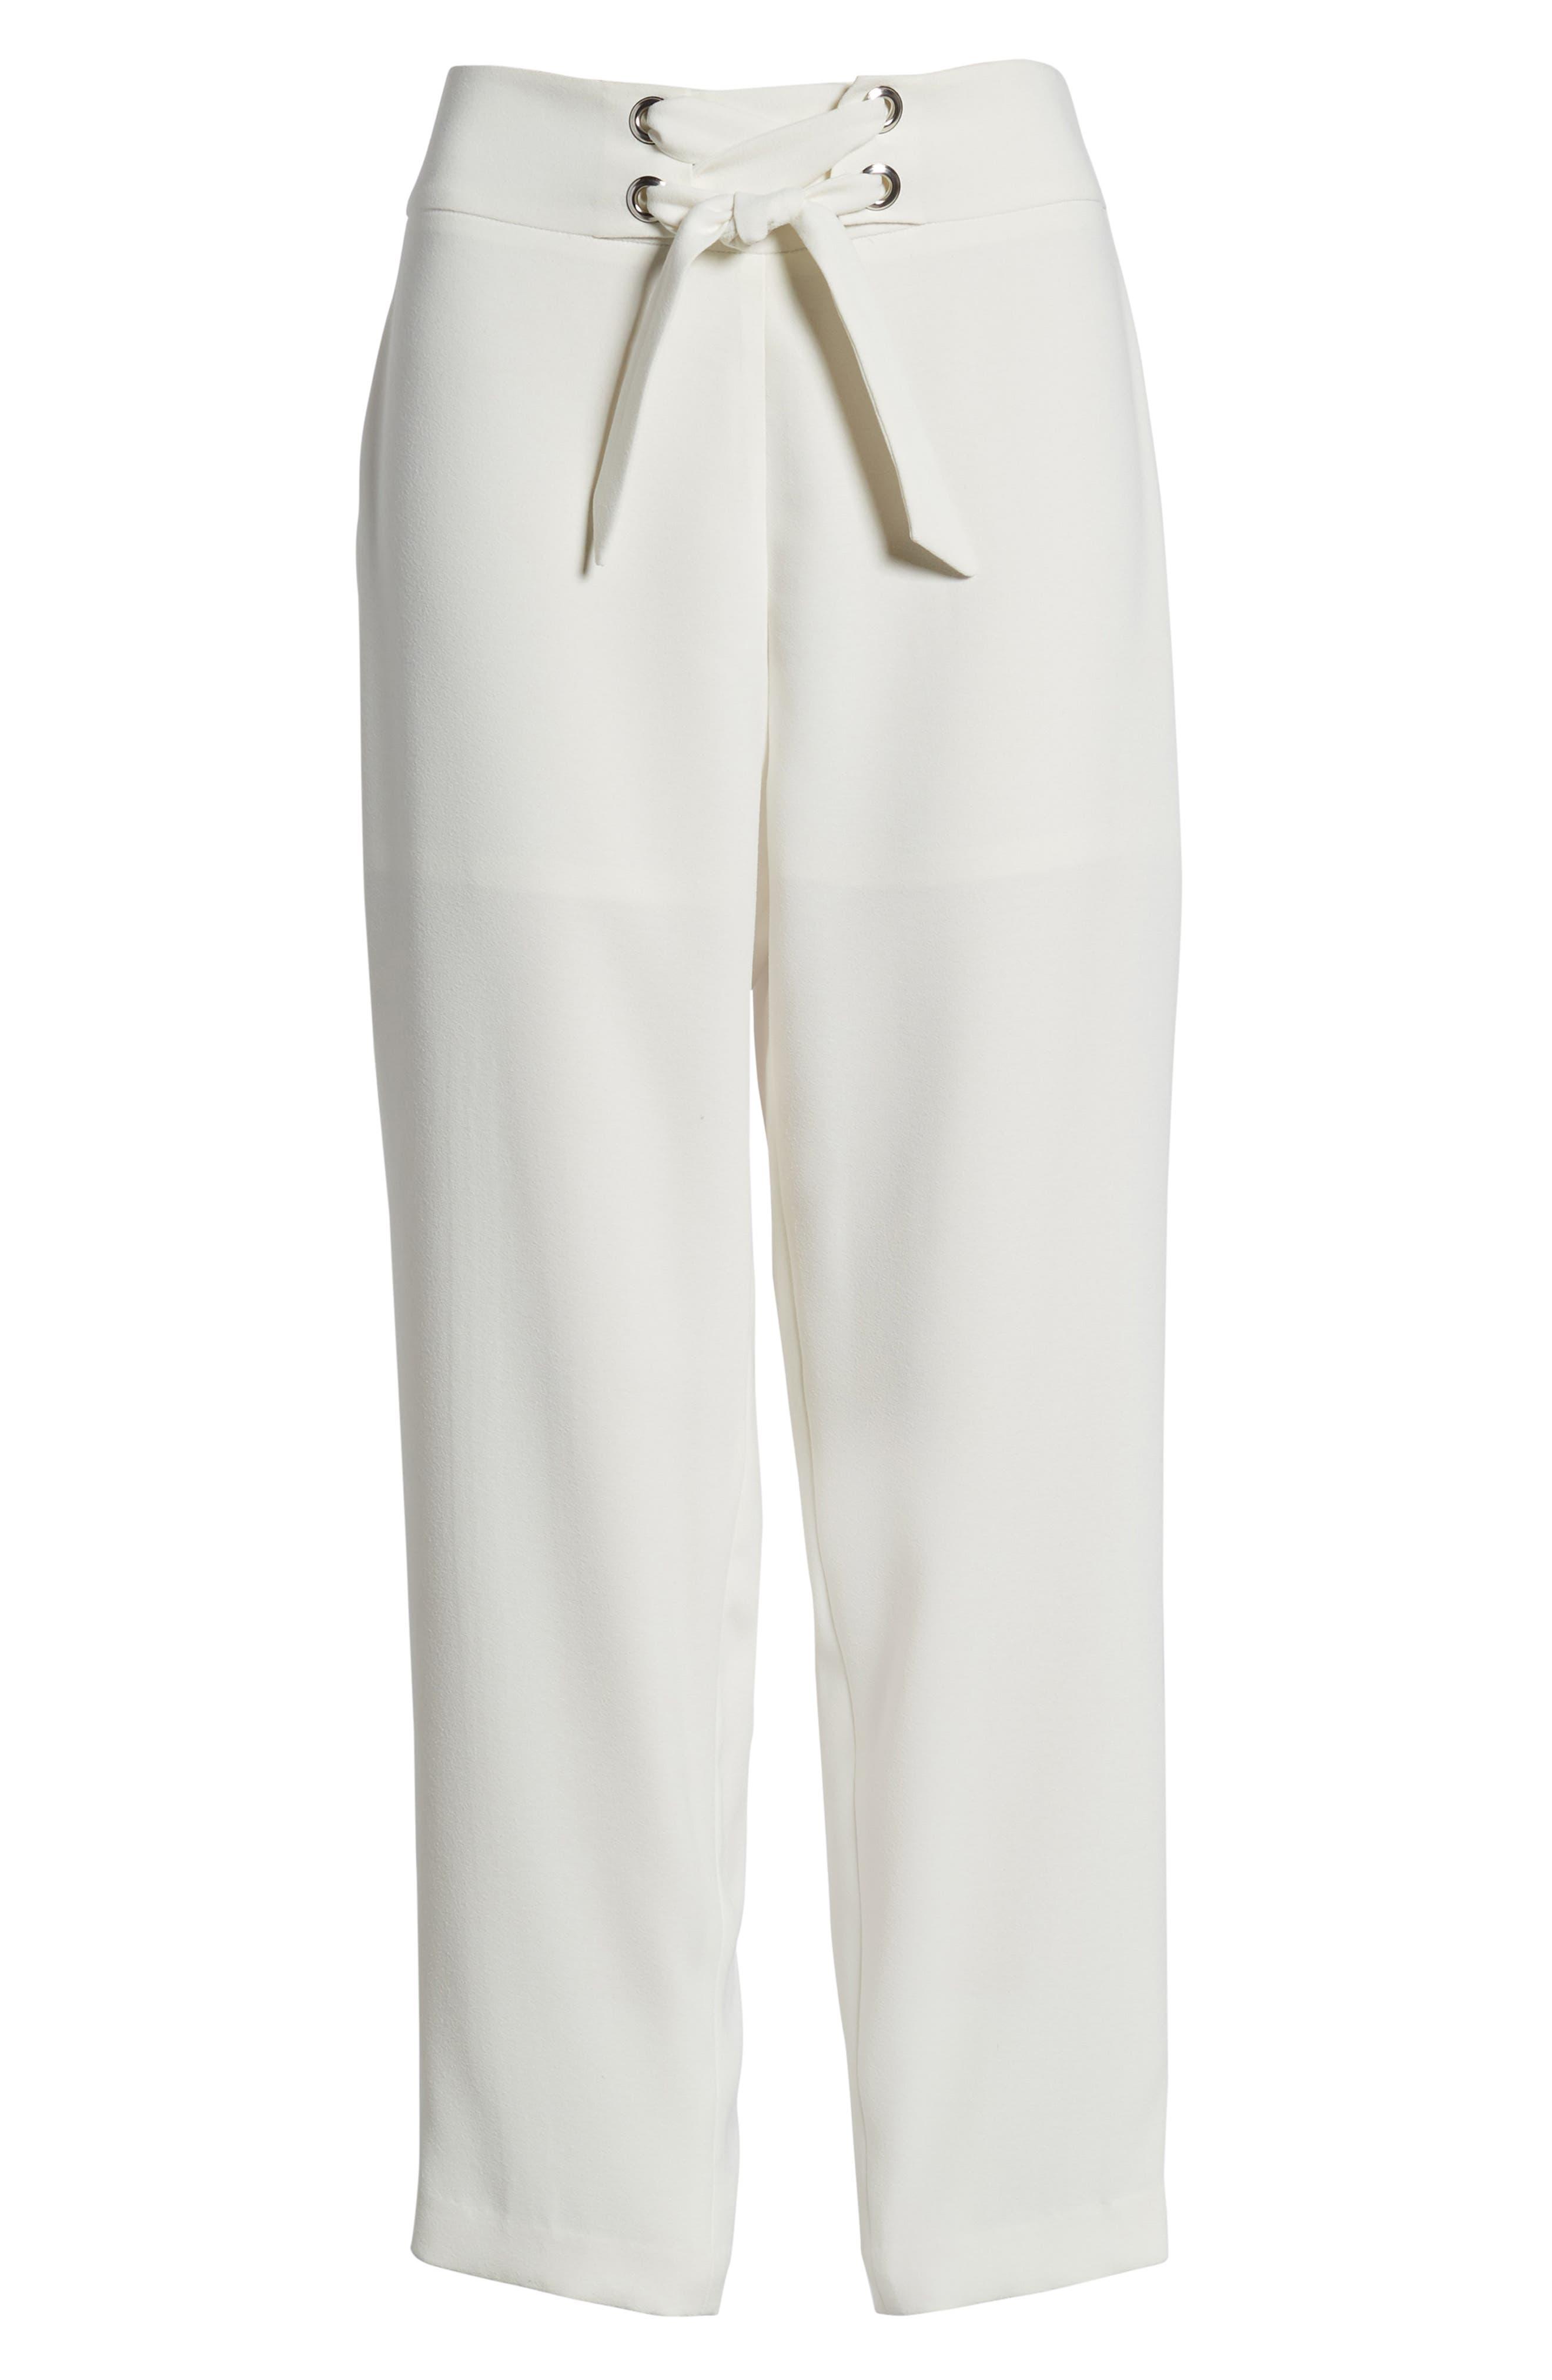 Tie Front Pants,                             Alternate thumbnail 7, color,                             900